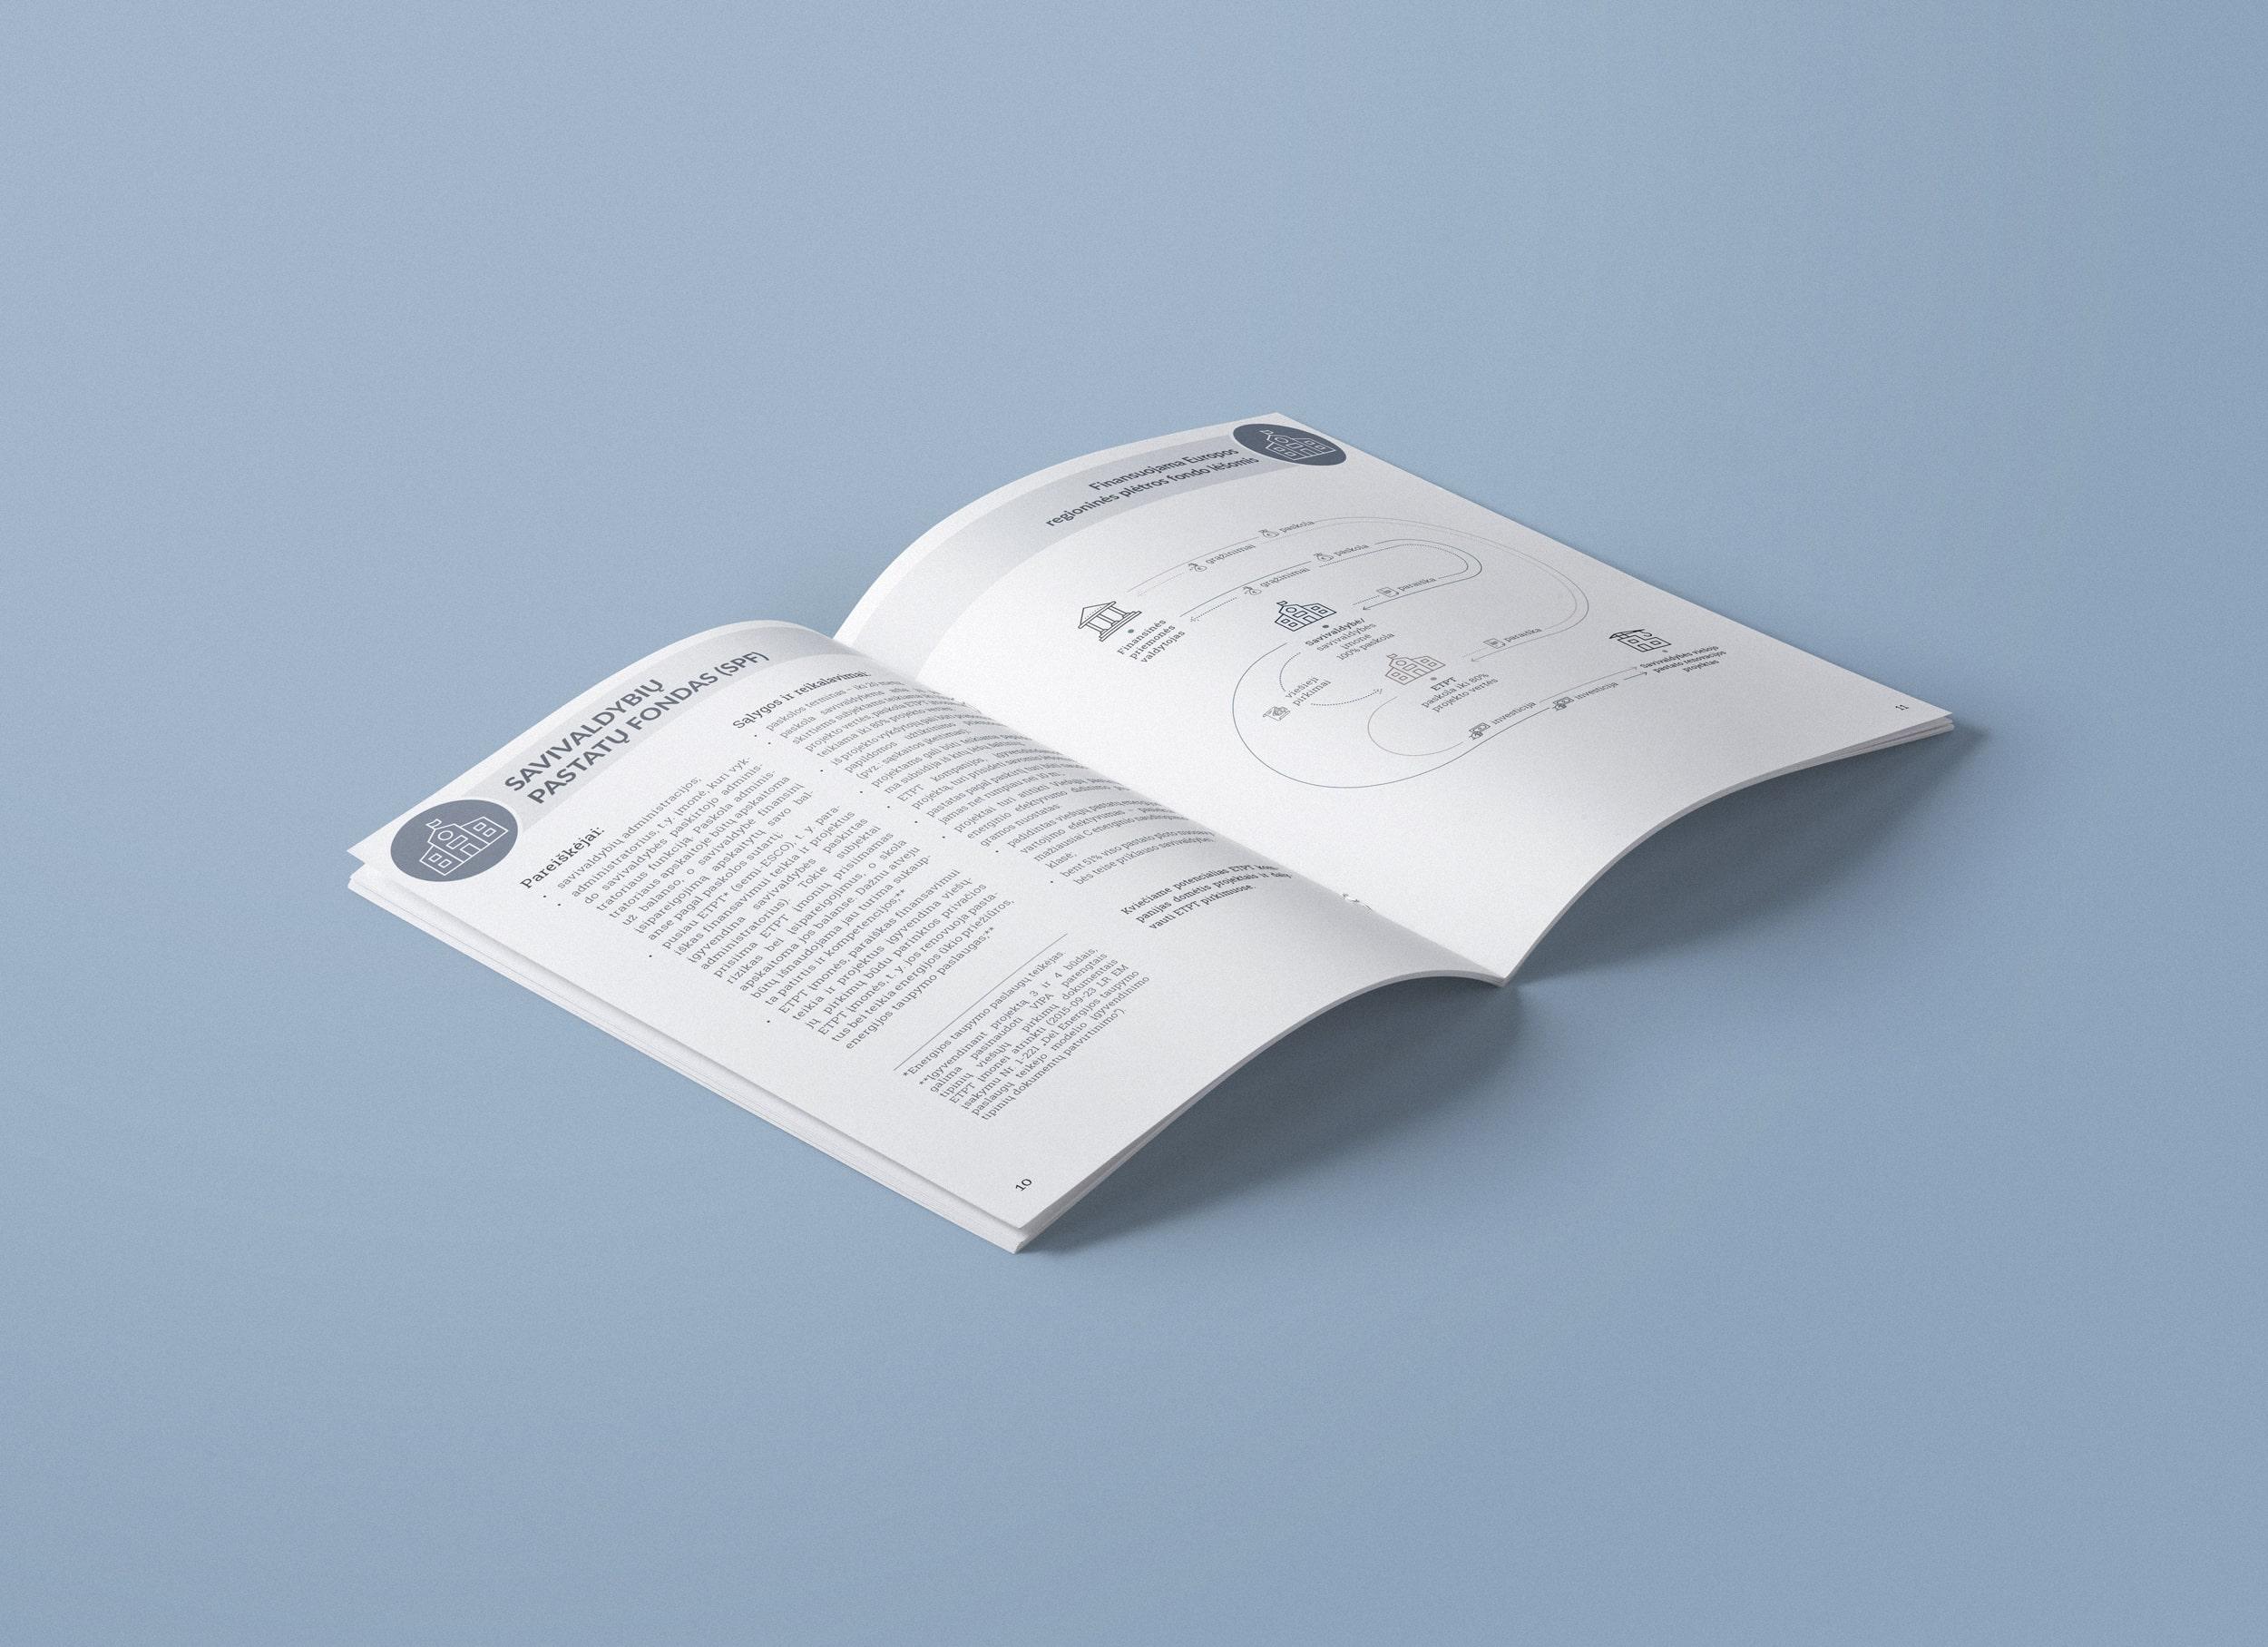 Vipa-booklet-VJS-agency-10-min.jpg